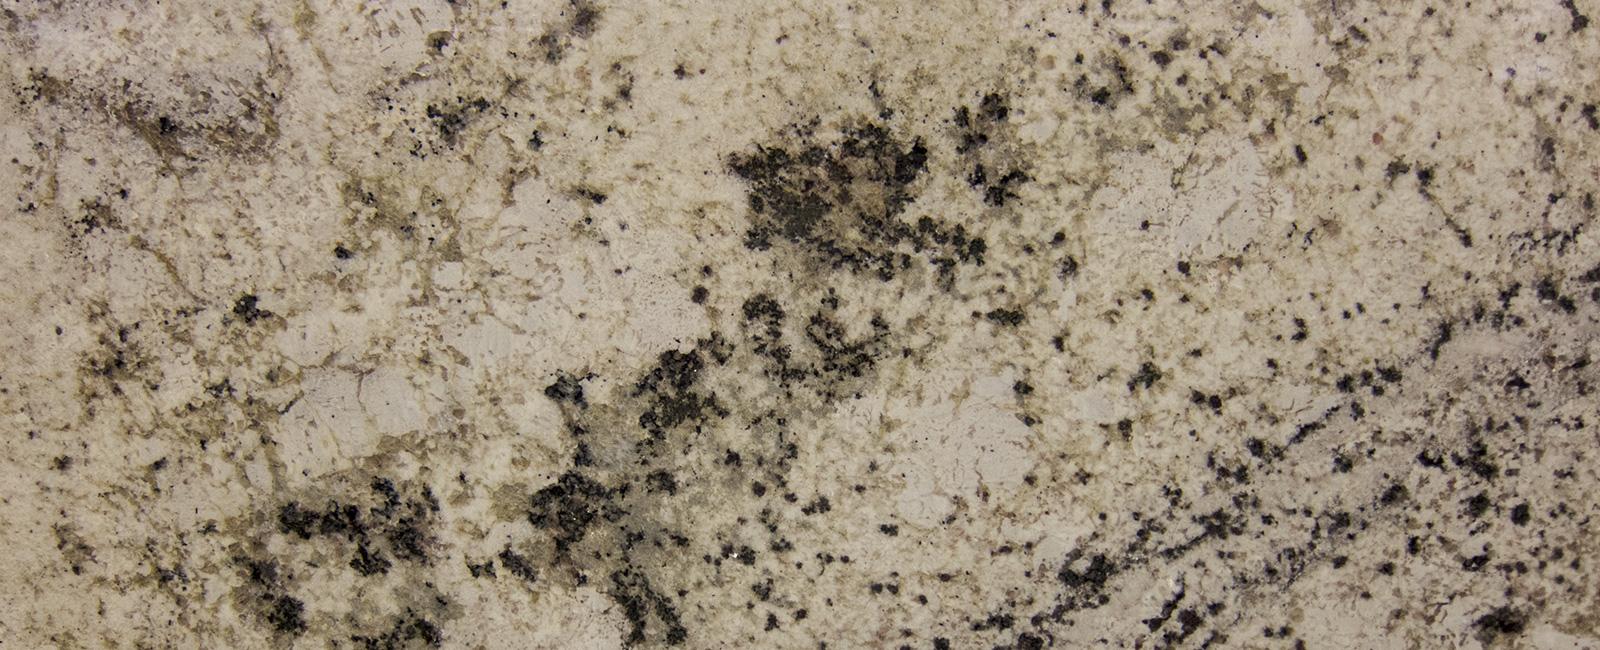 Granite Marva Marble And Granite